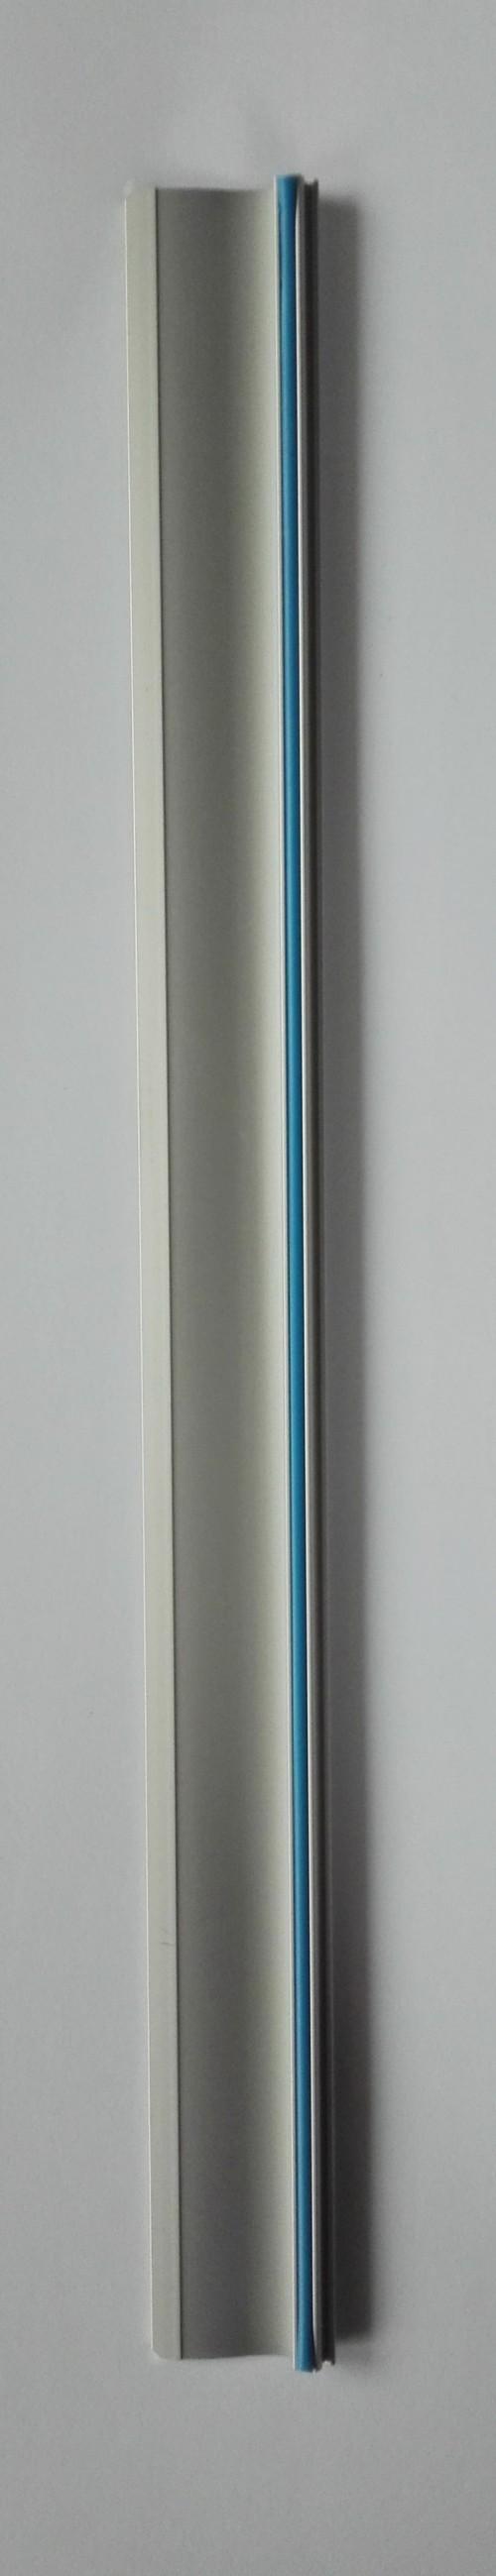 linijka 30 cm 02